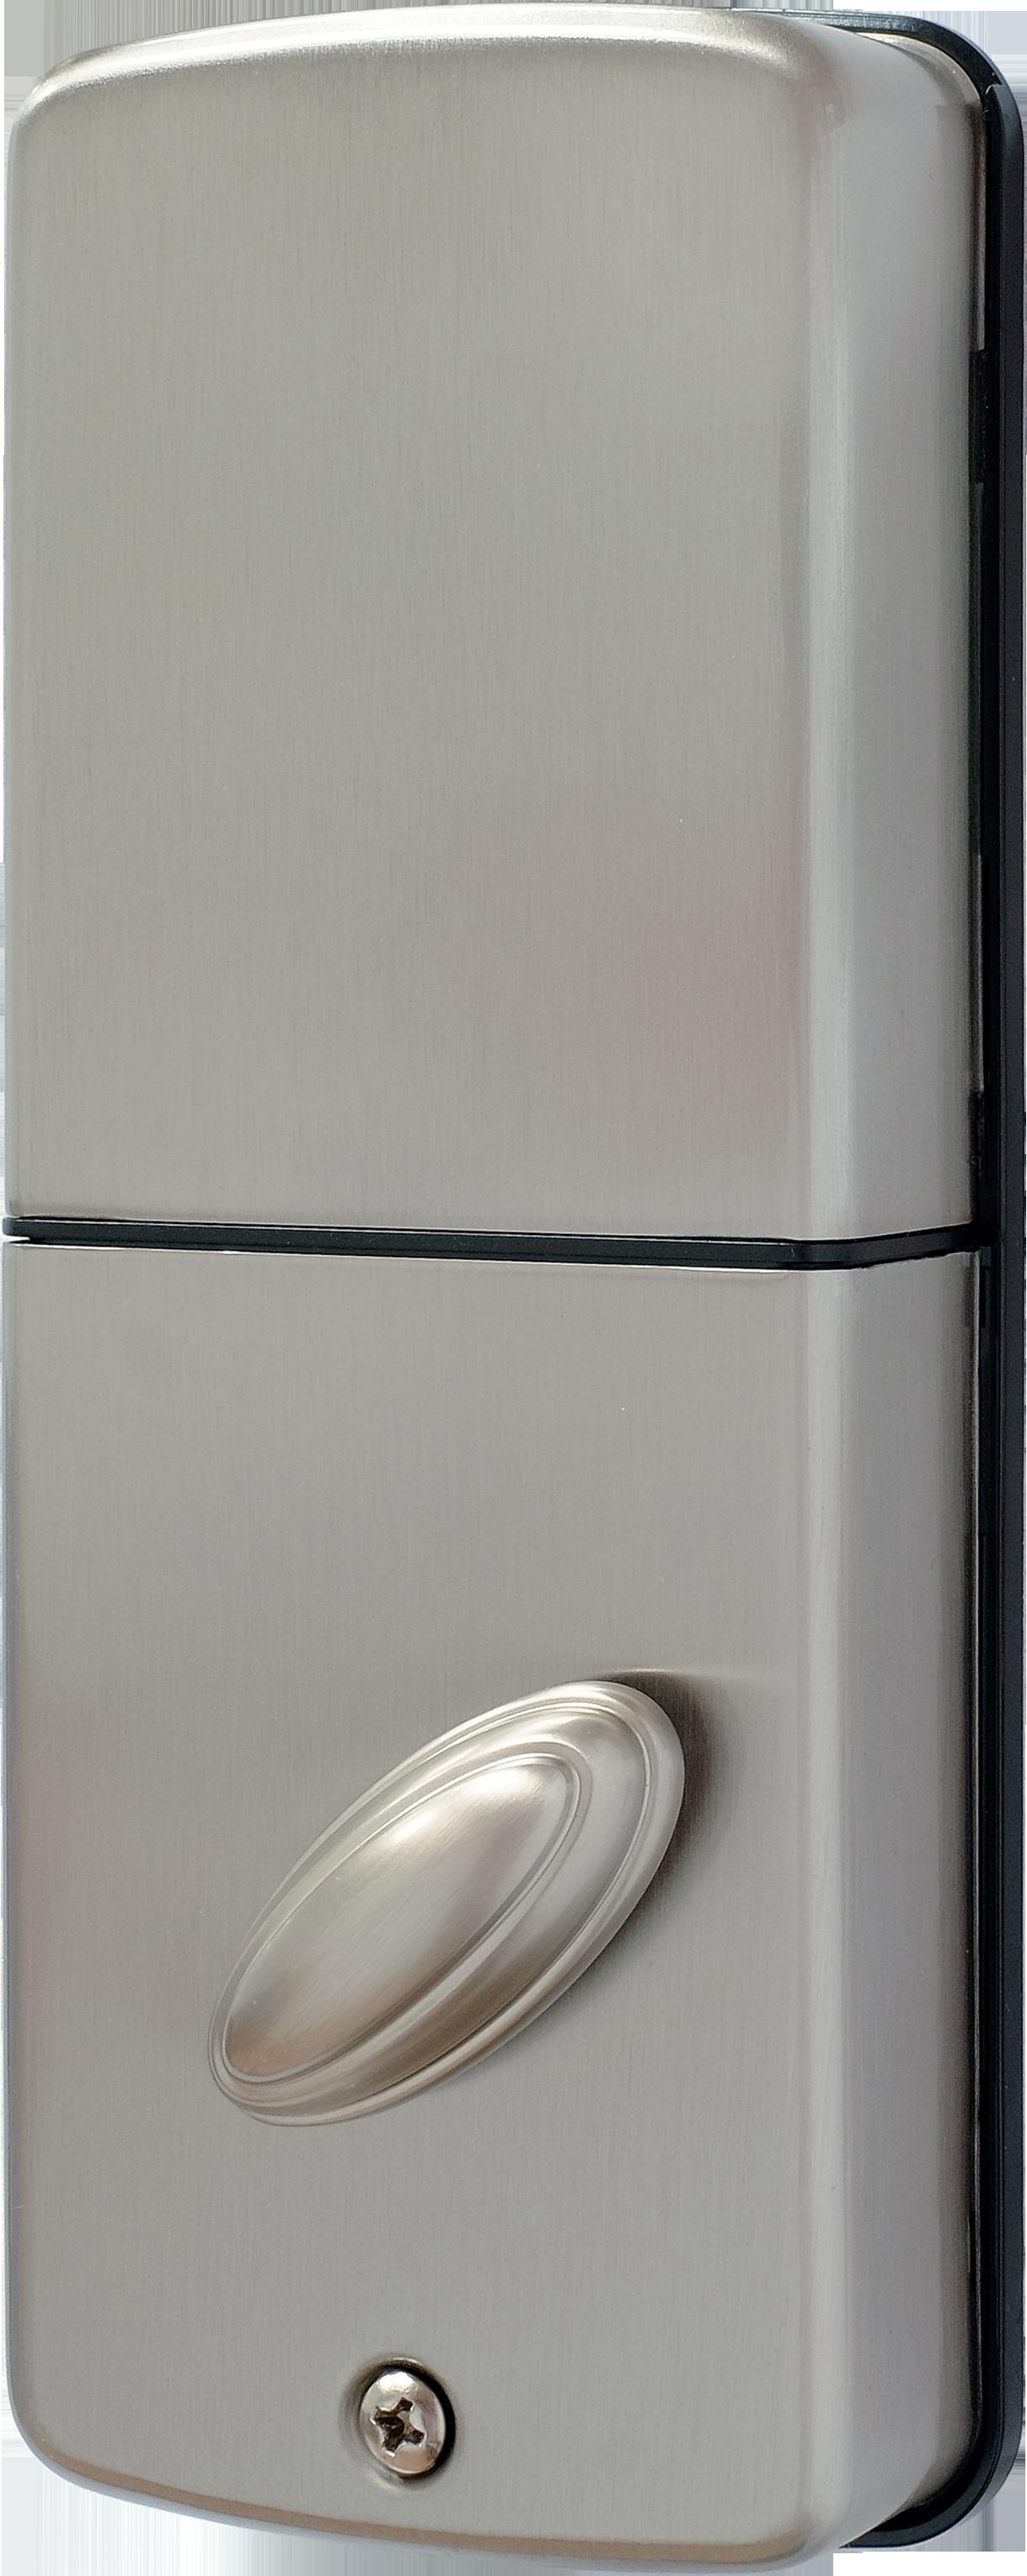 doorlock-02.png